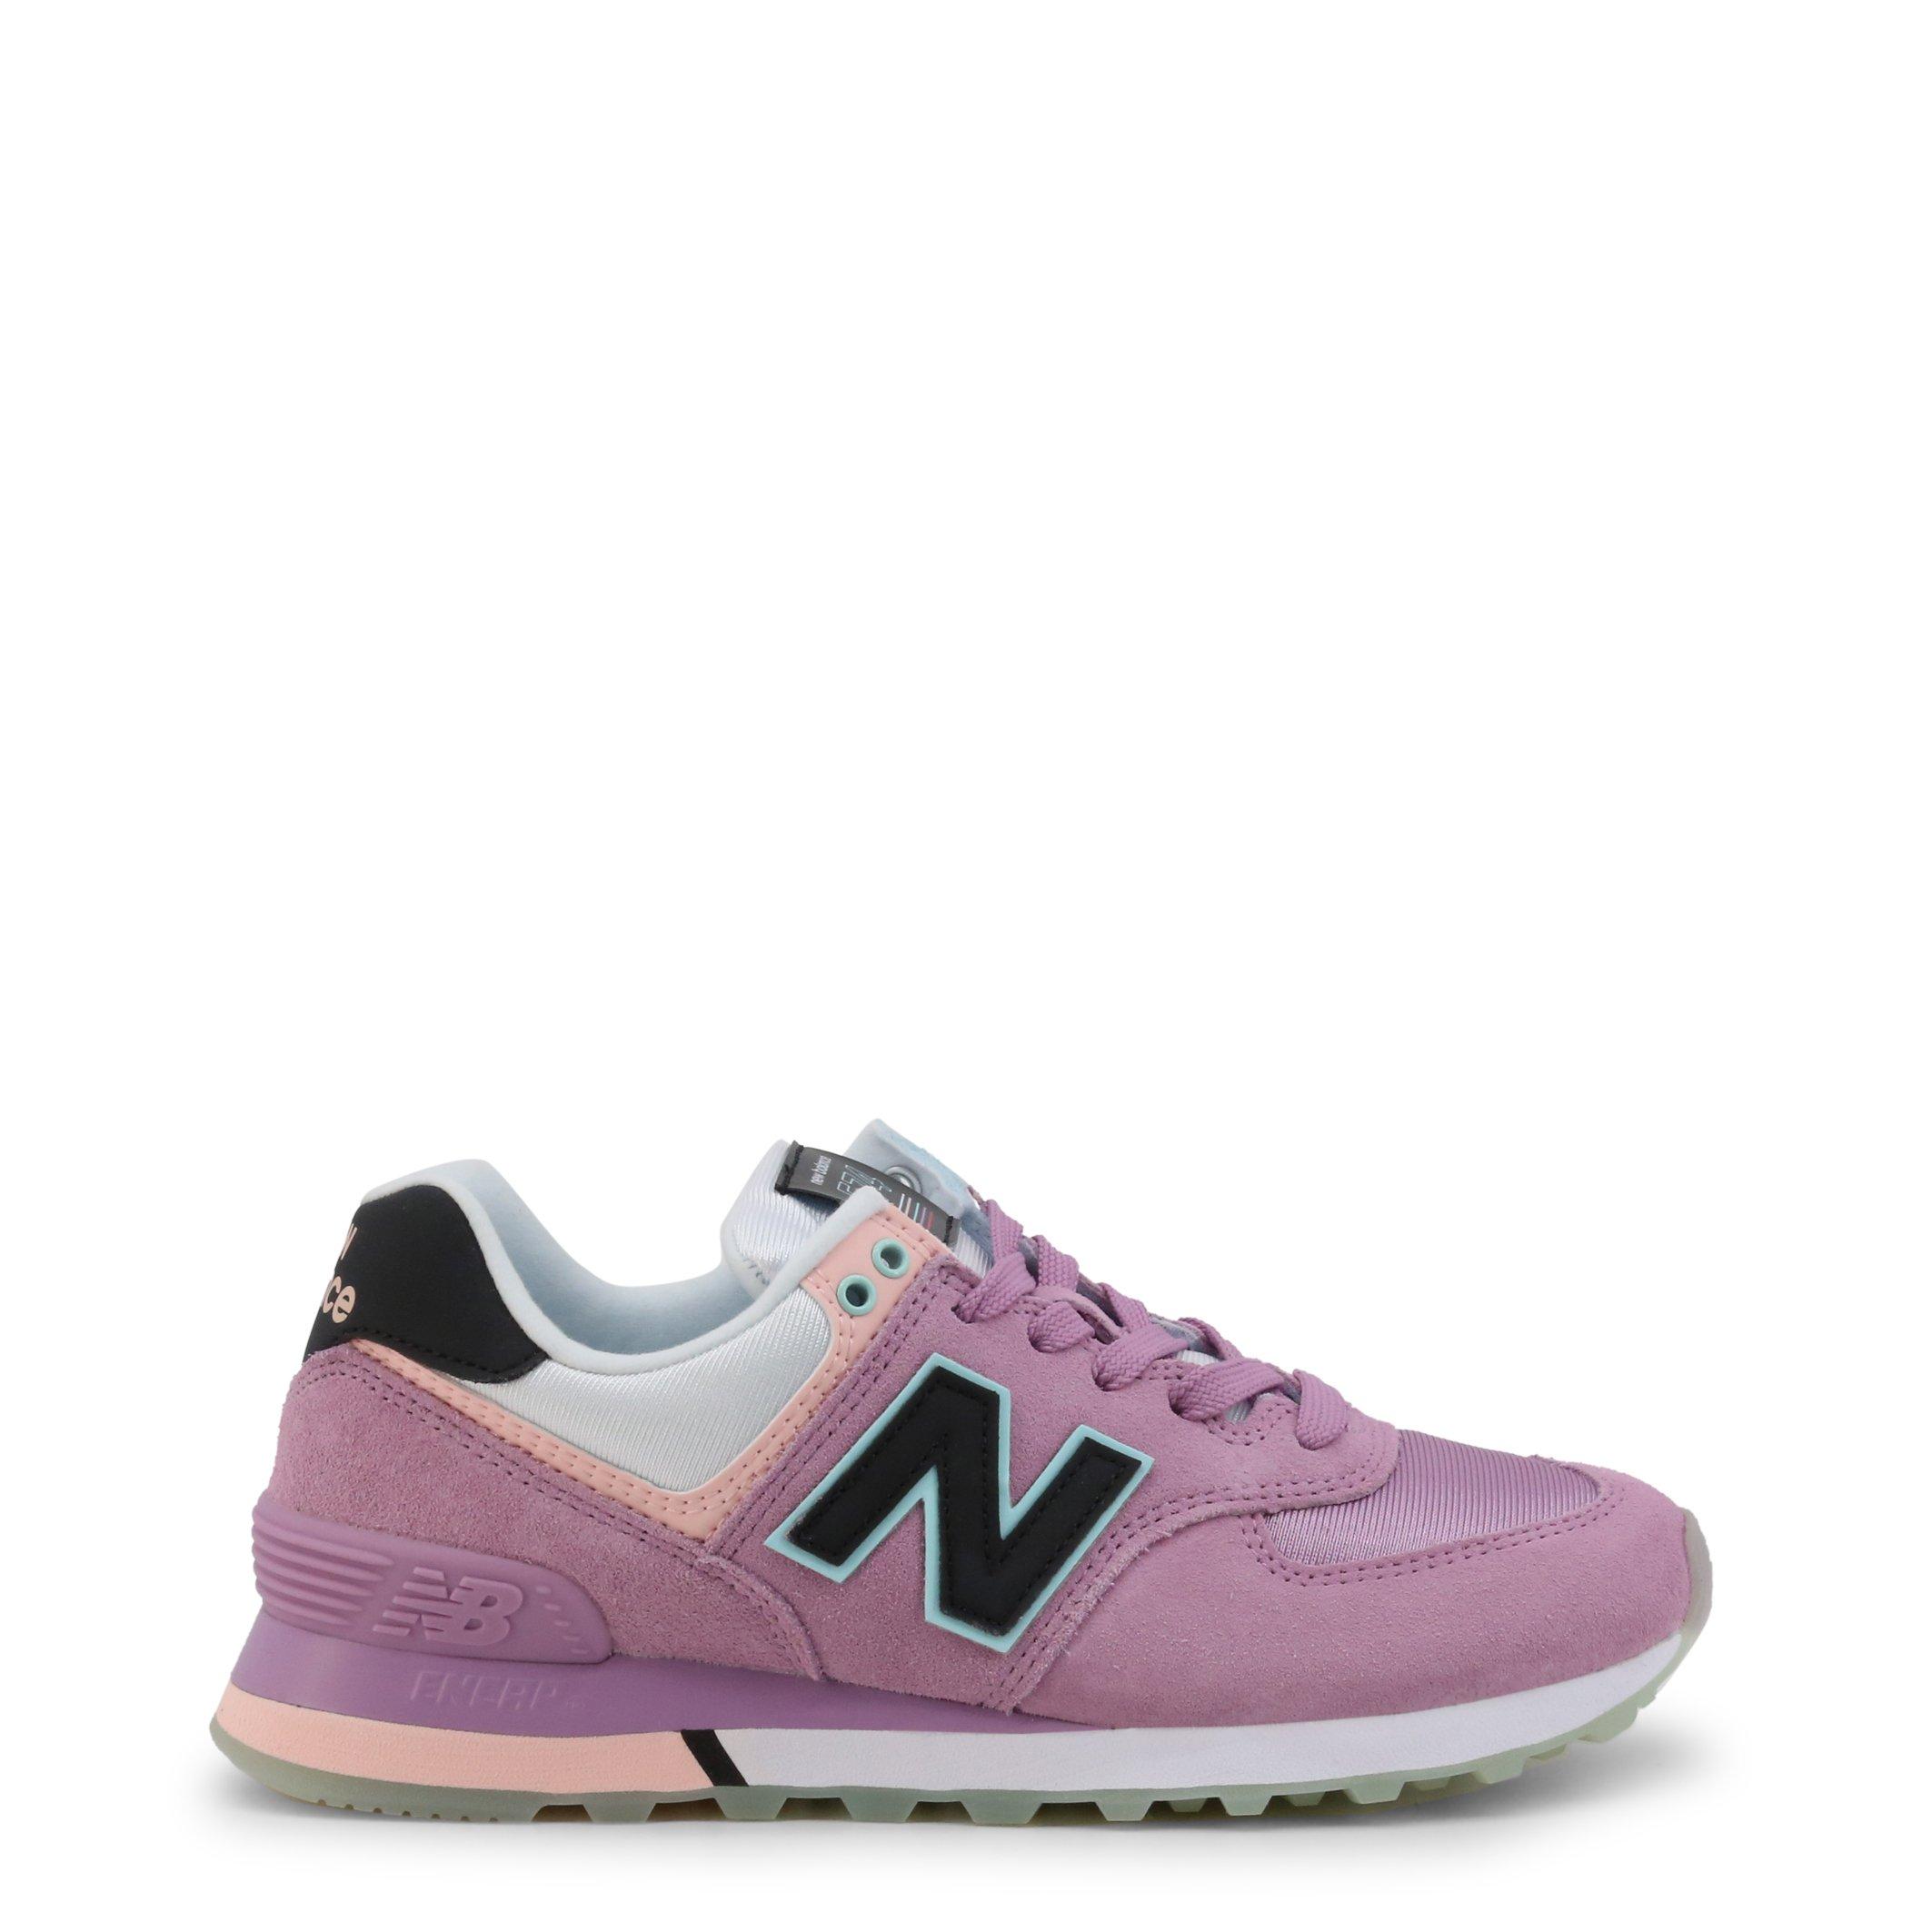 New Balance Women's Trainer Various Colours WL574SK2 - violet EU 36